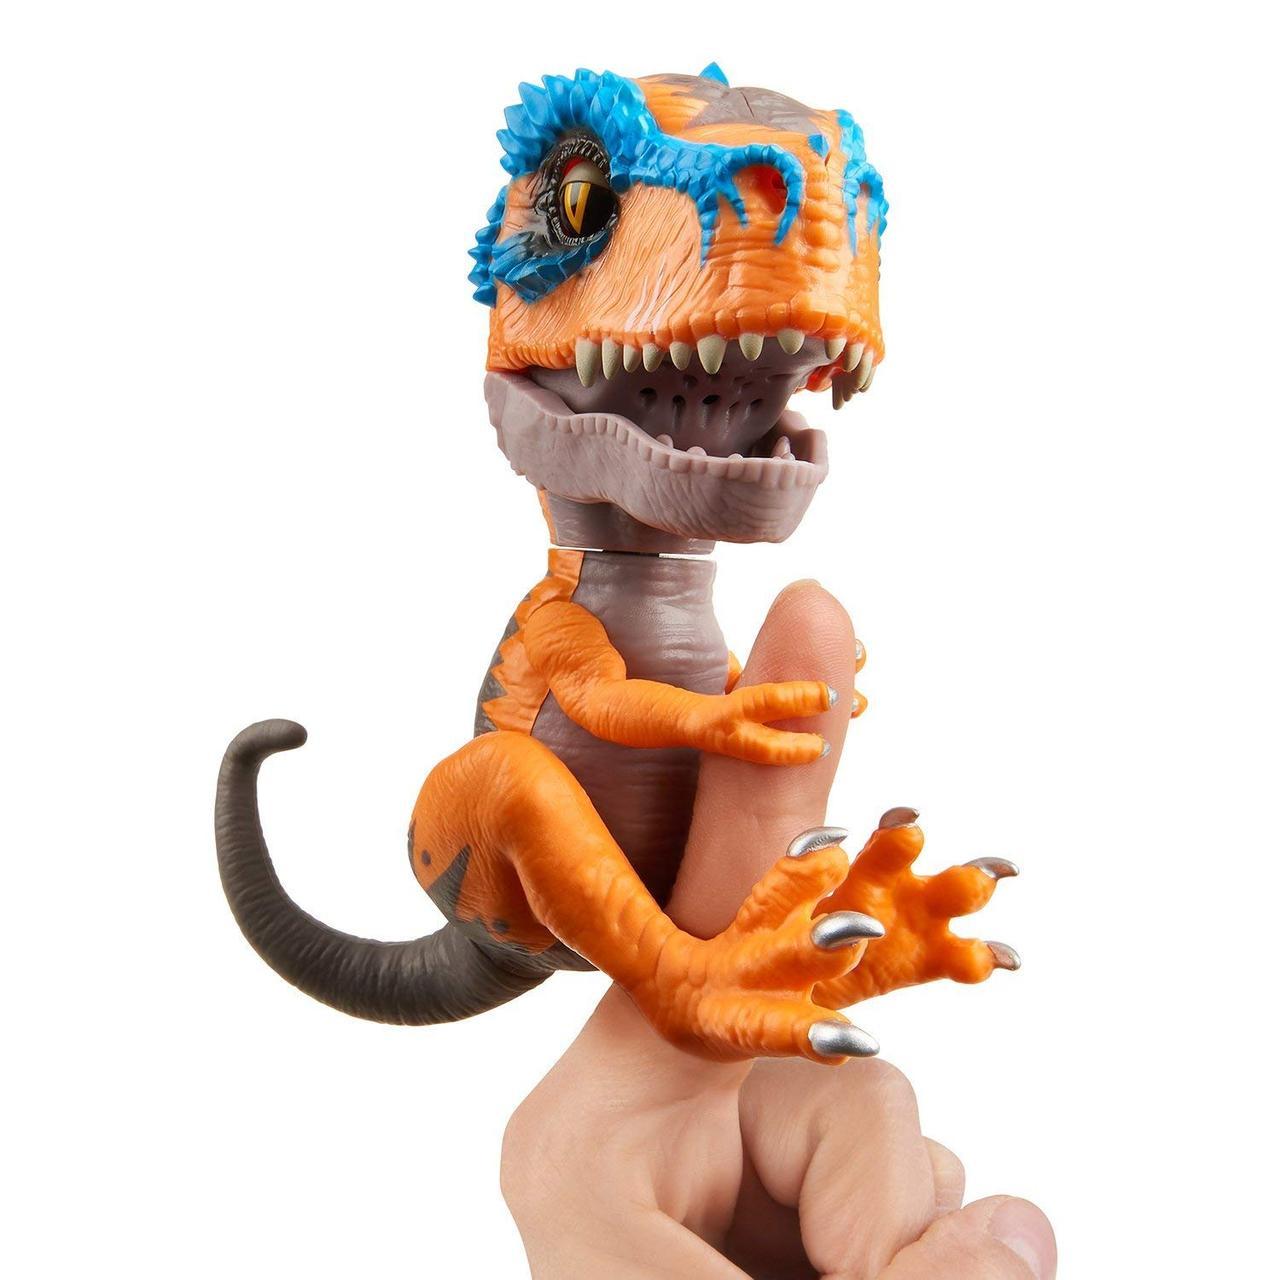 Интерактивный динозавр Тирекс оранжевый, Untamed T-Rex Scratch, Fingerlings, WowWee Оригинал из США